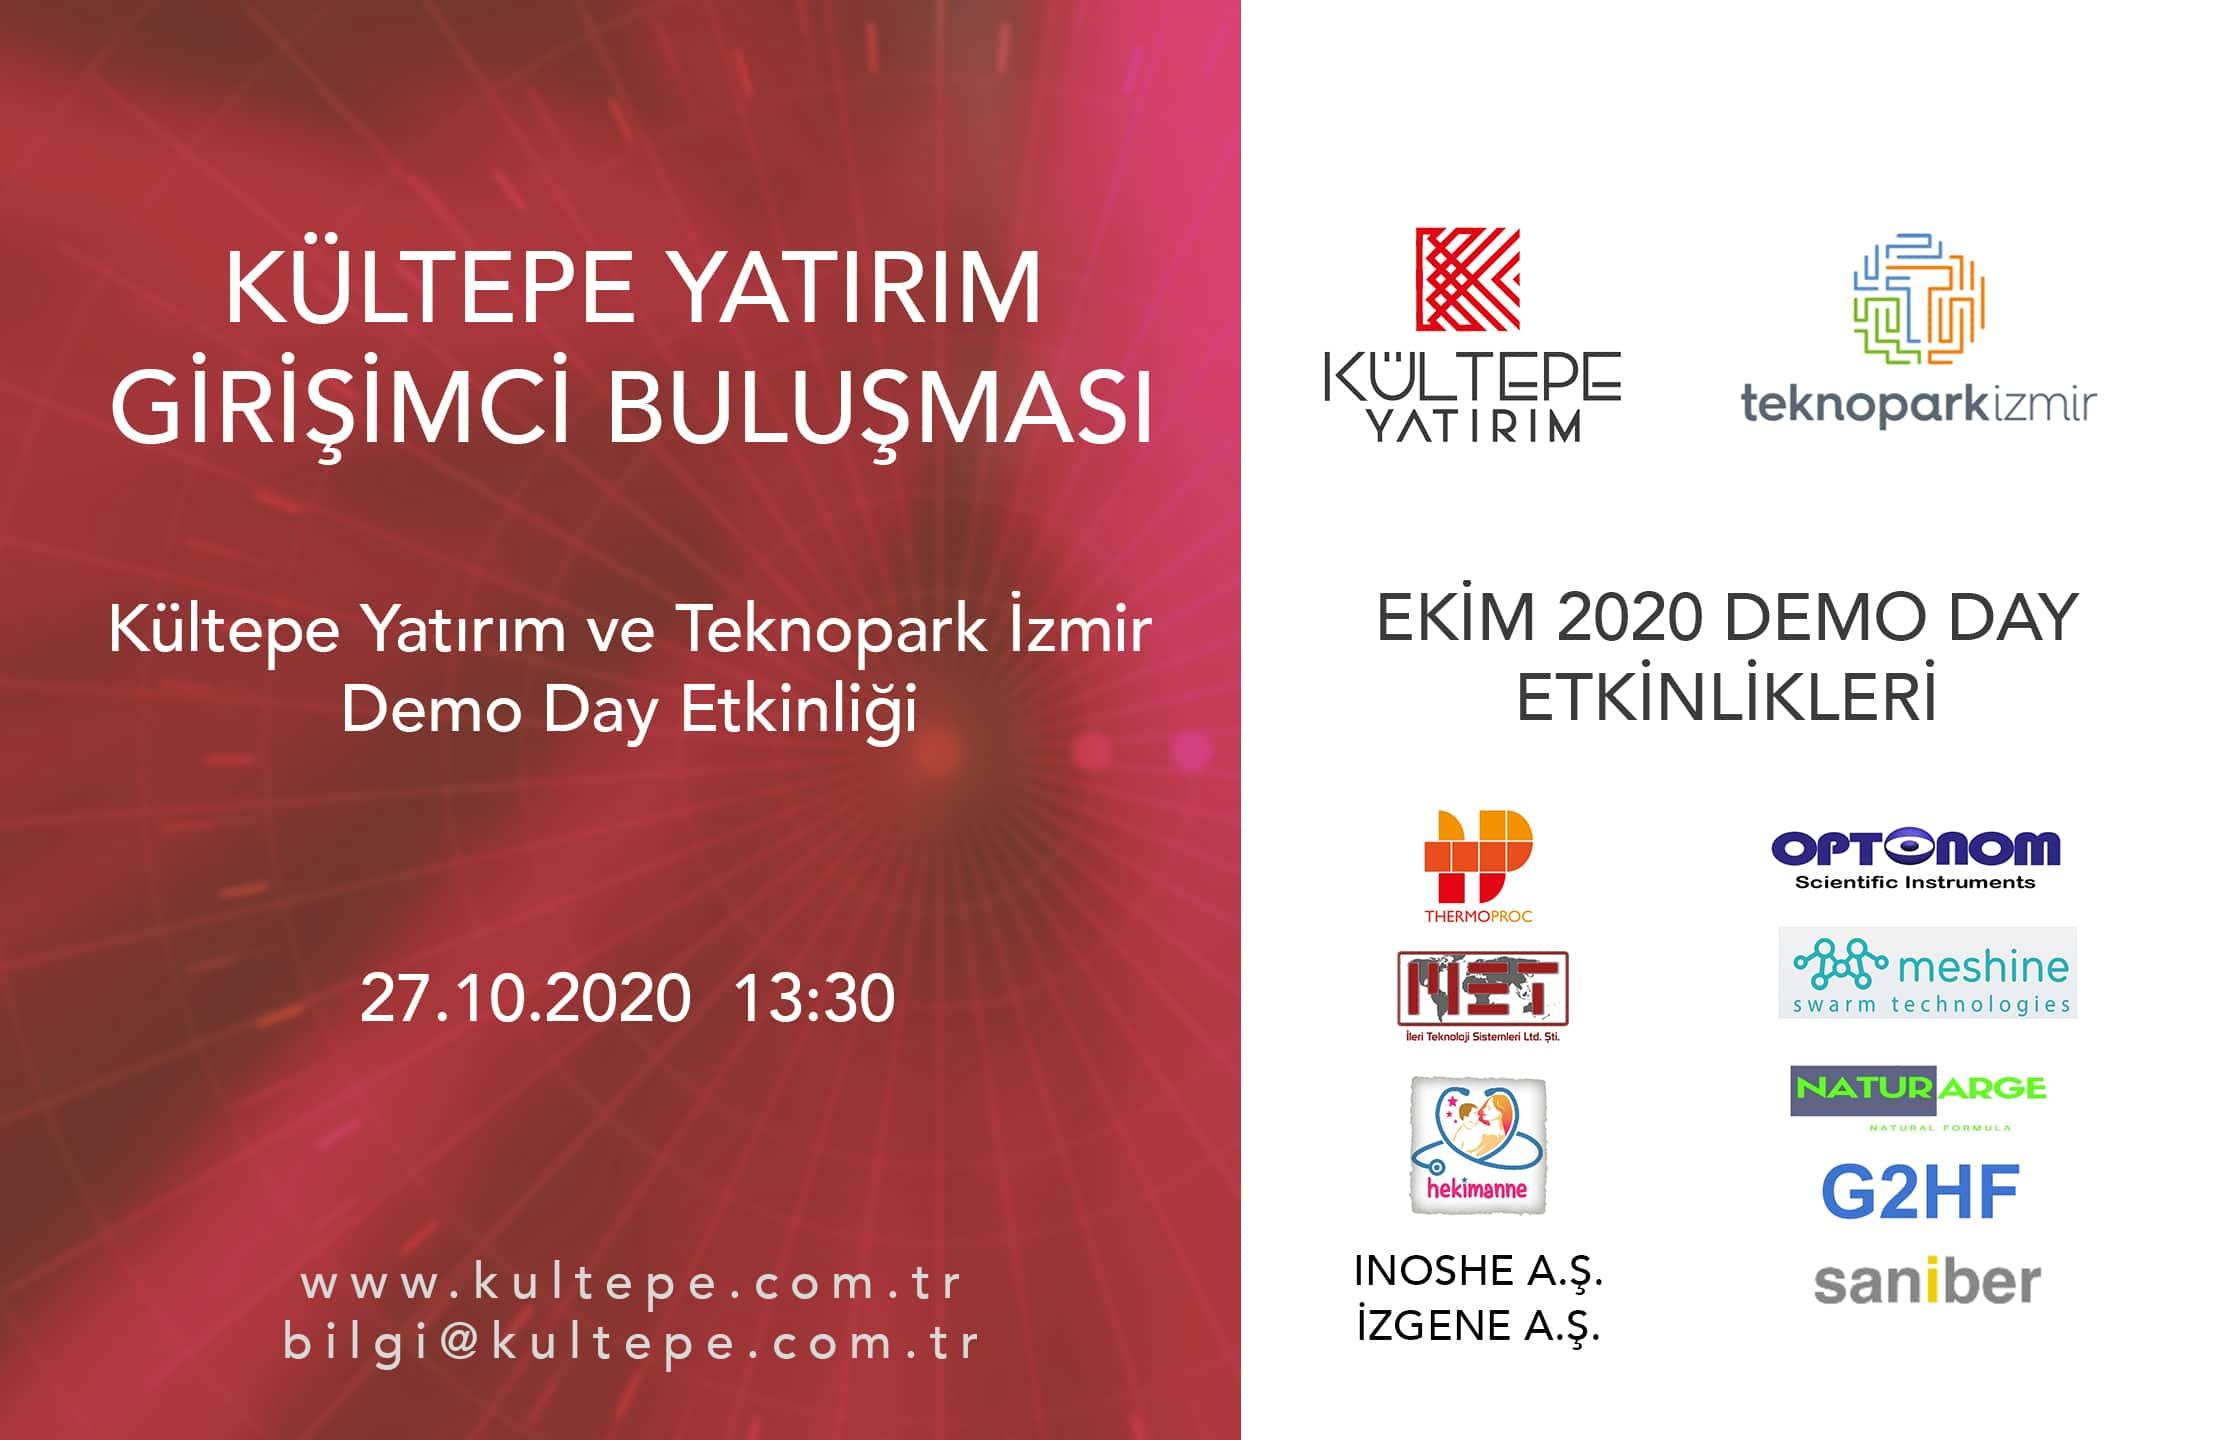 Kültepe Yatırım Teknopark İzmir Demo Day